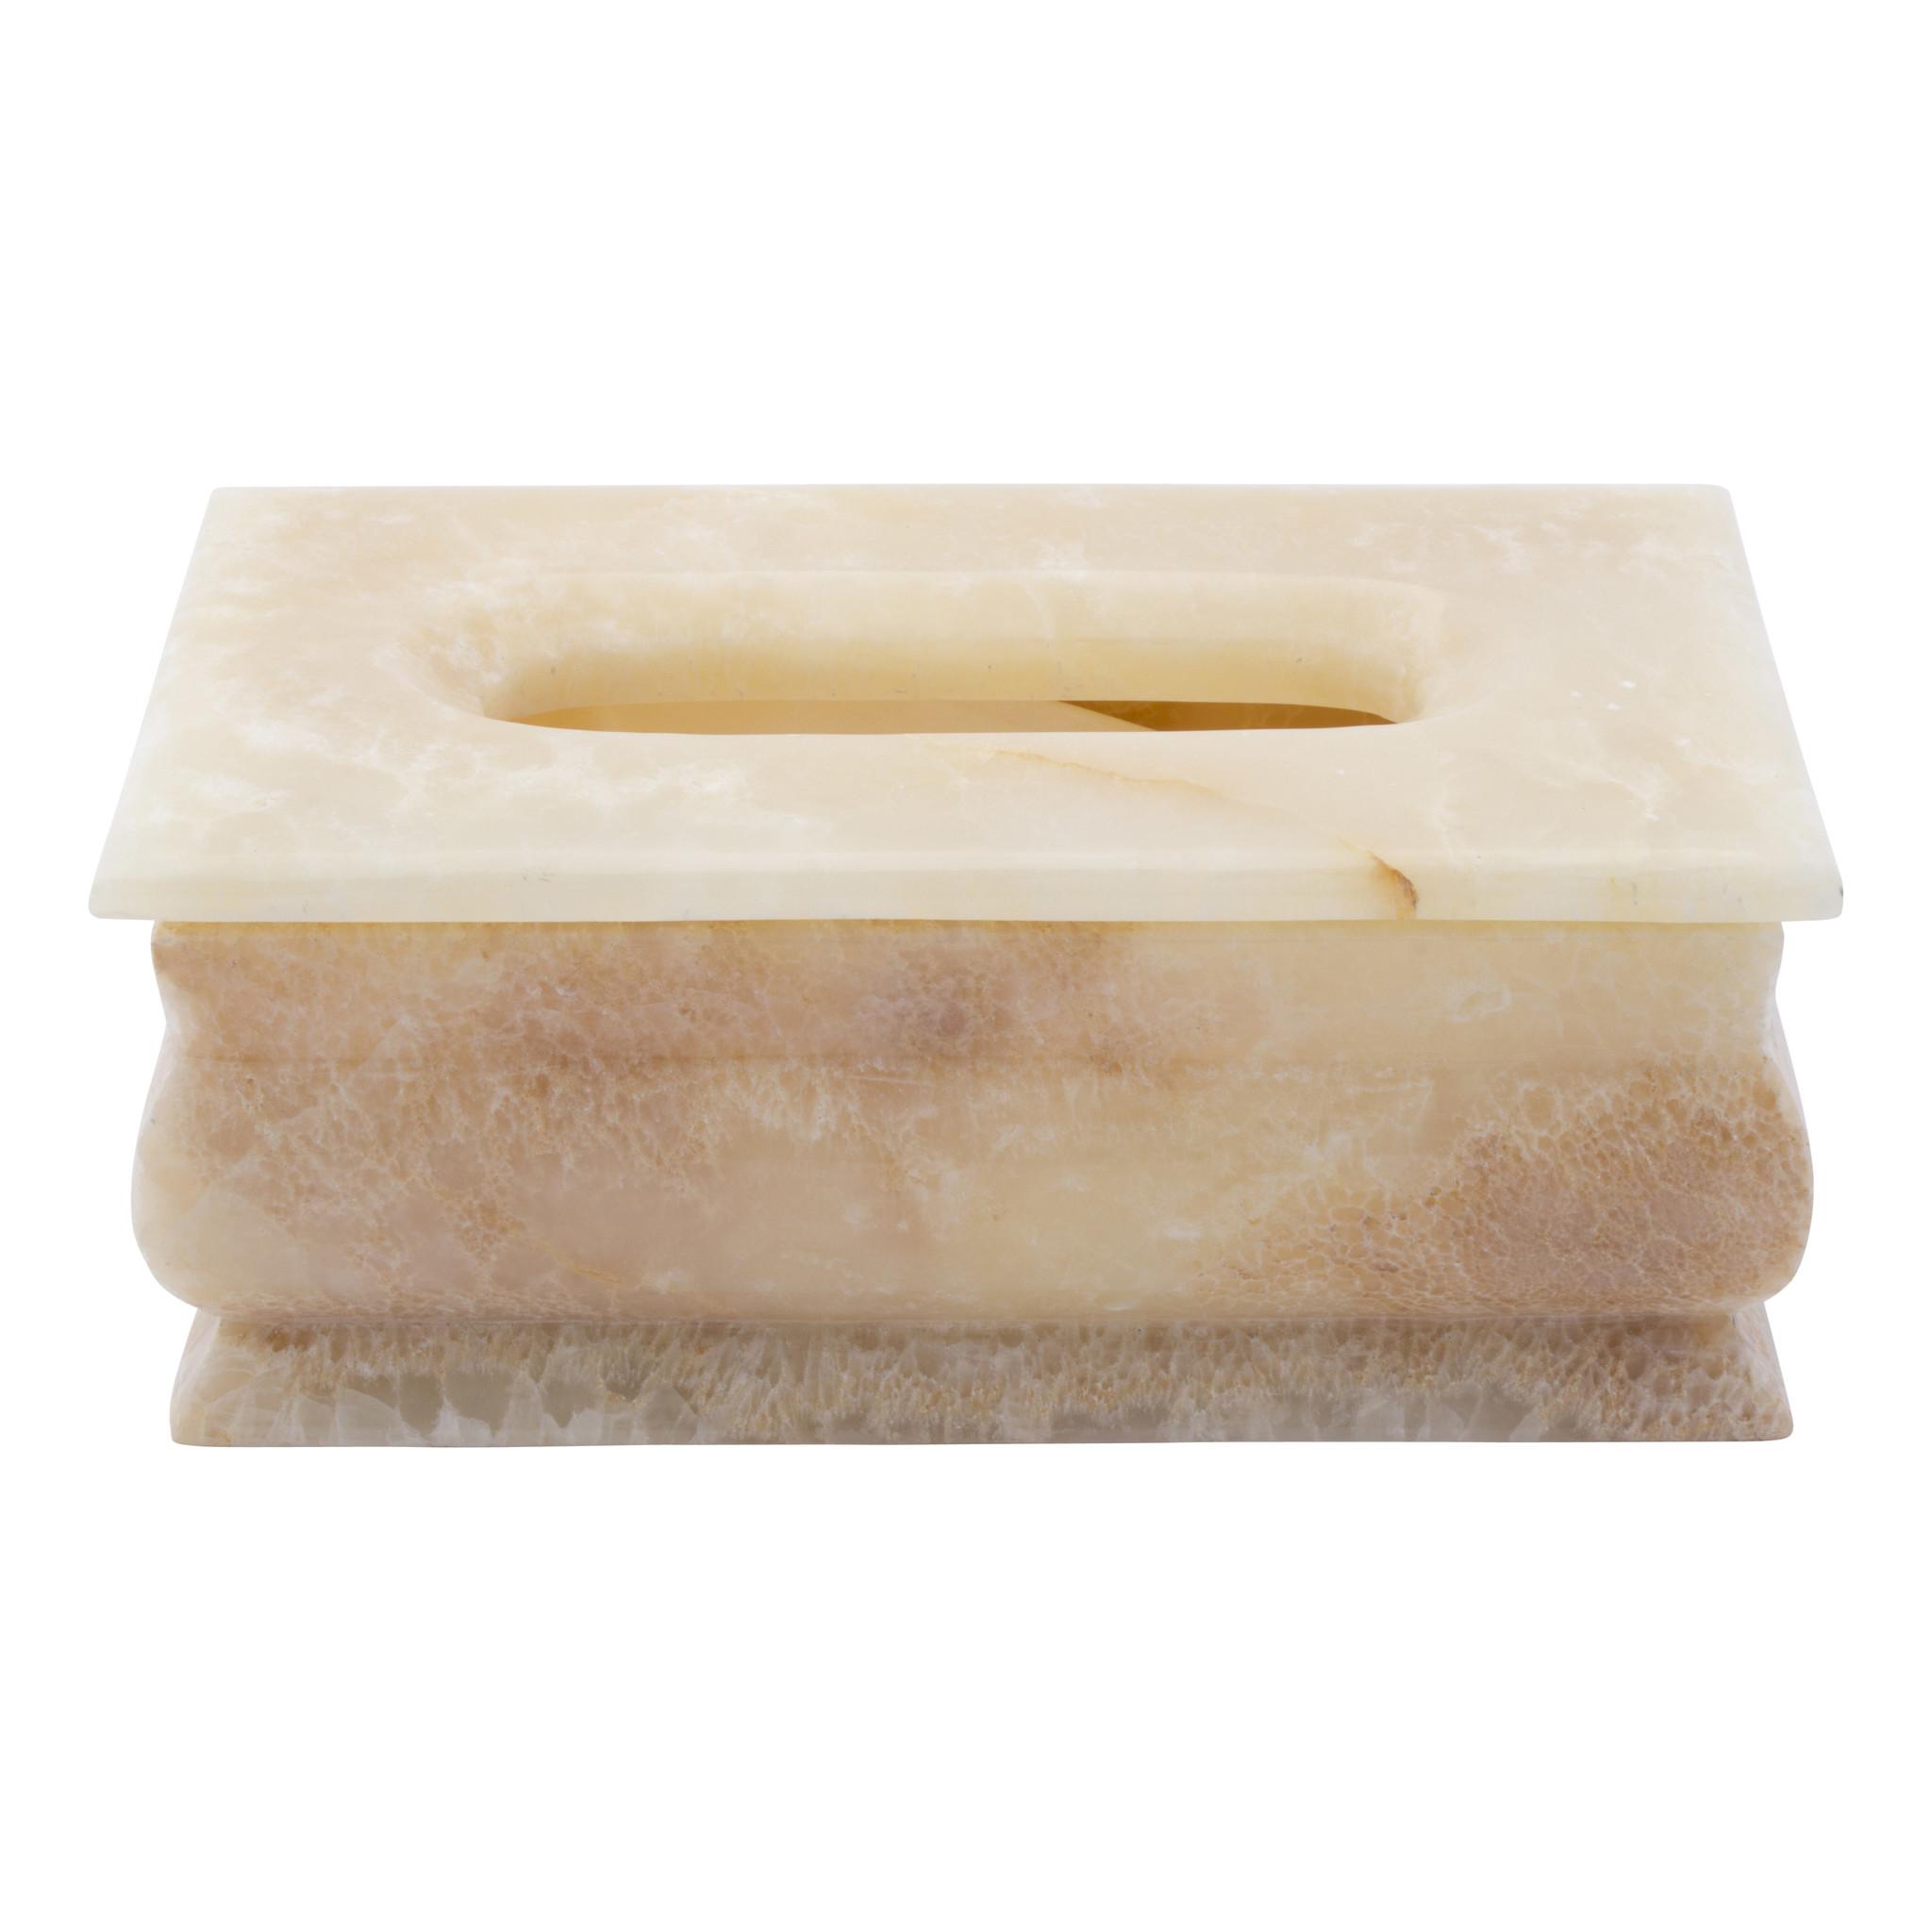 Indomarmer Luxus Taschentuchbox Onyx